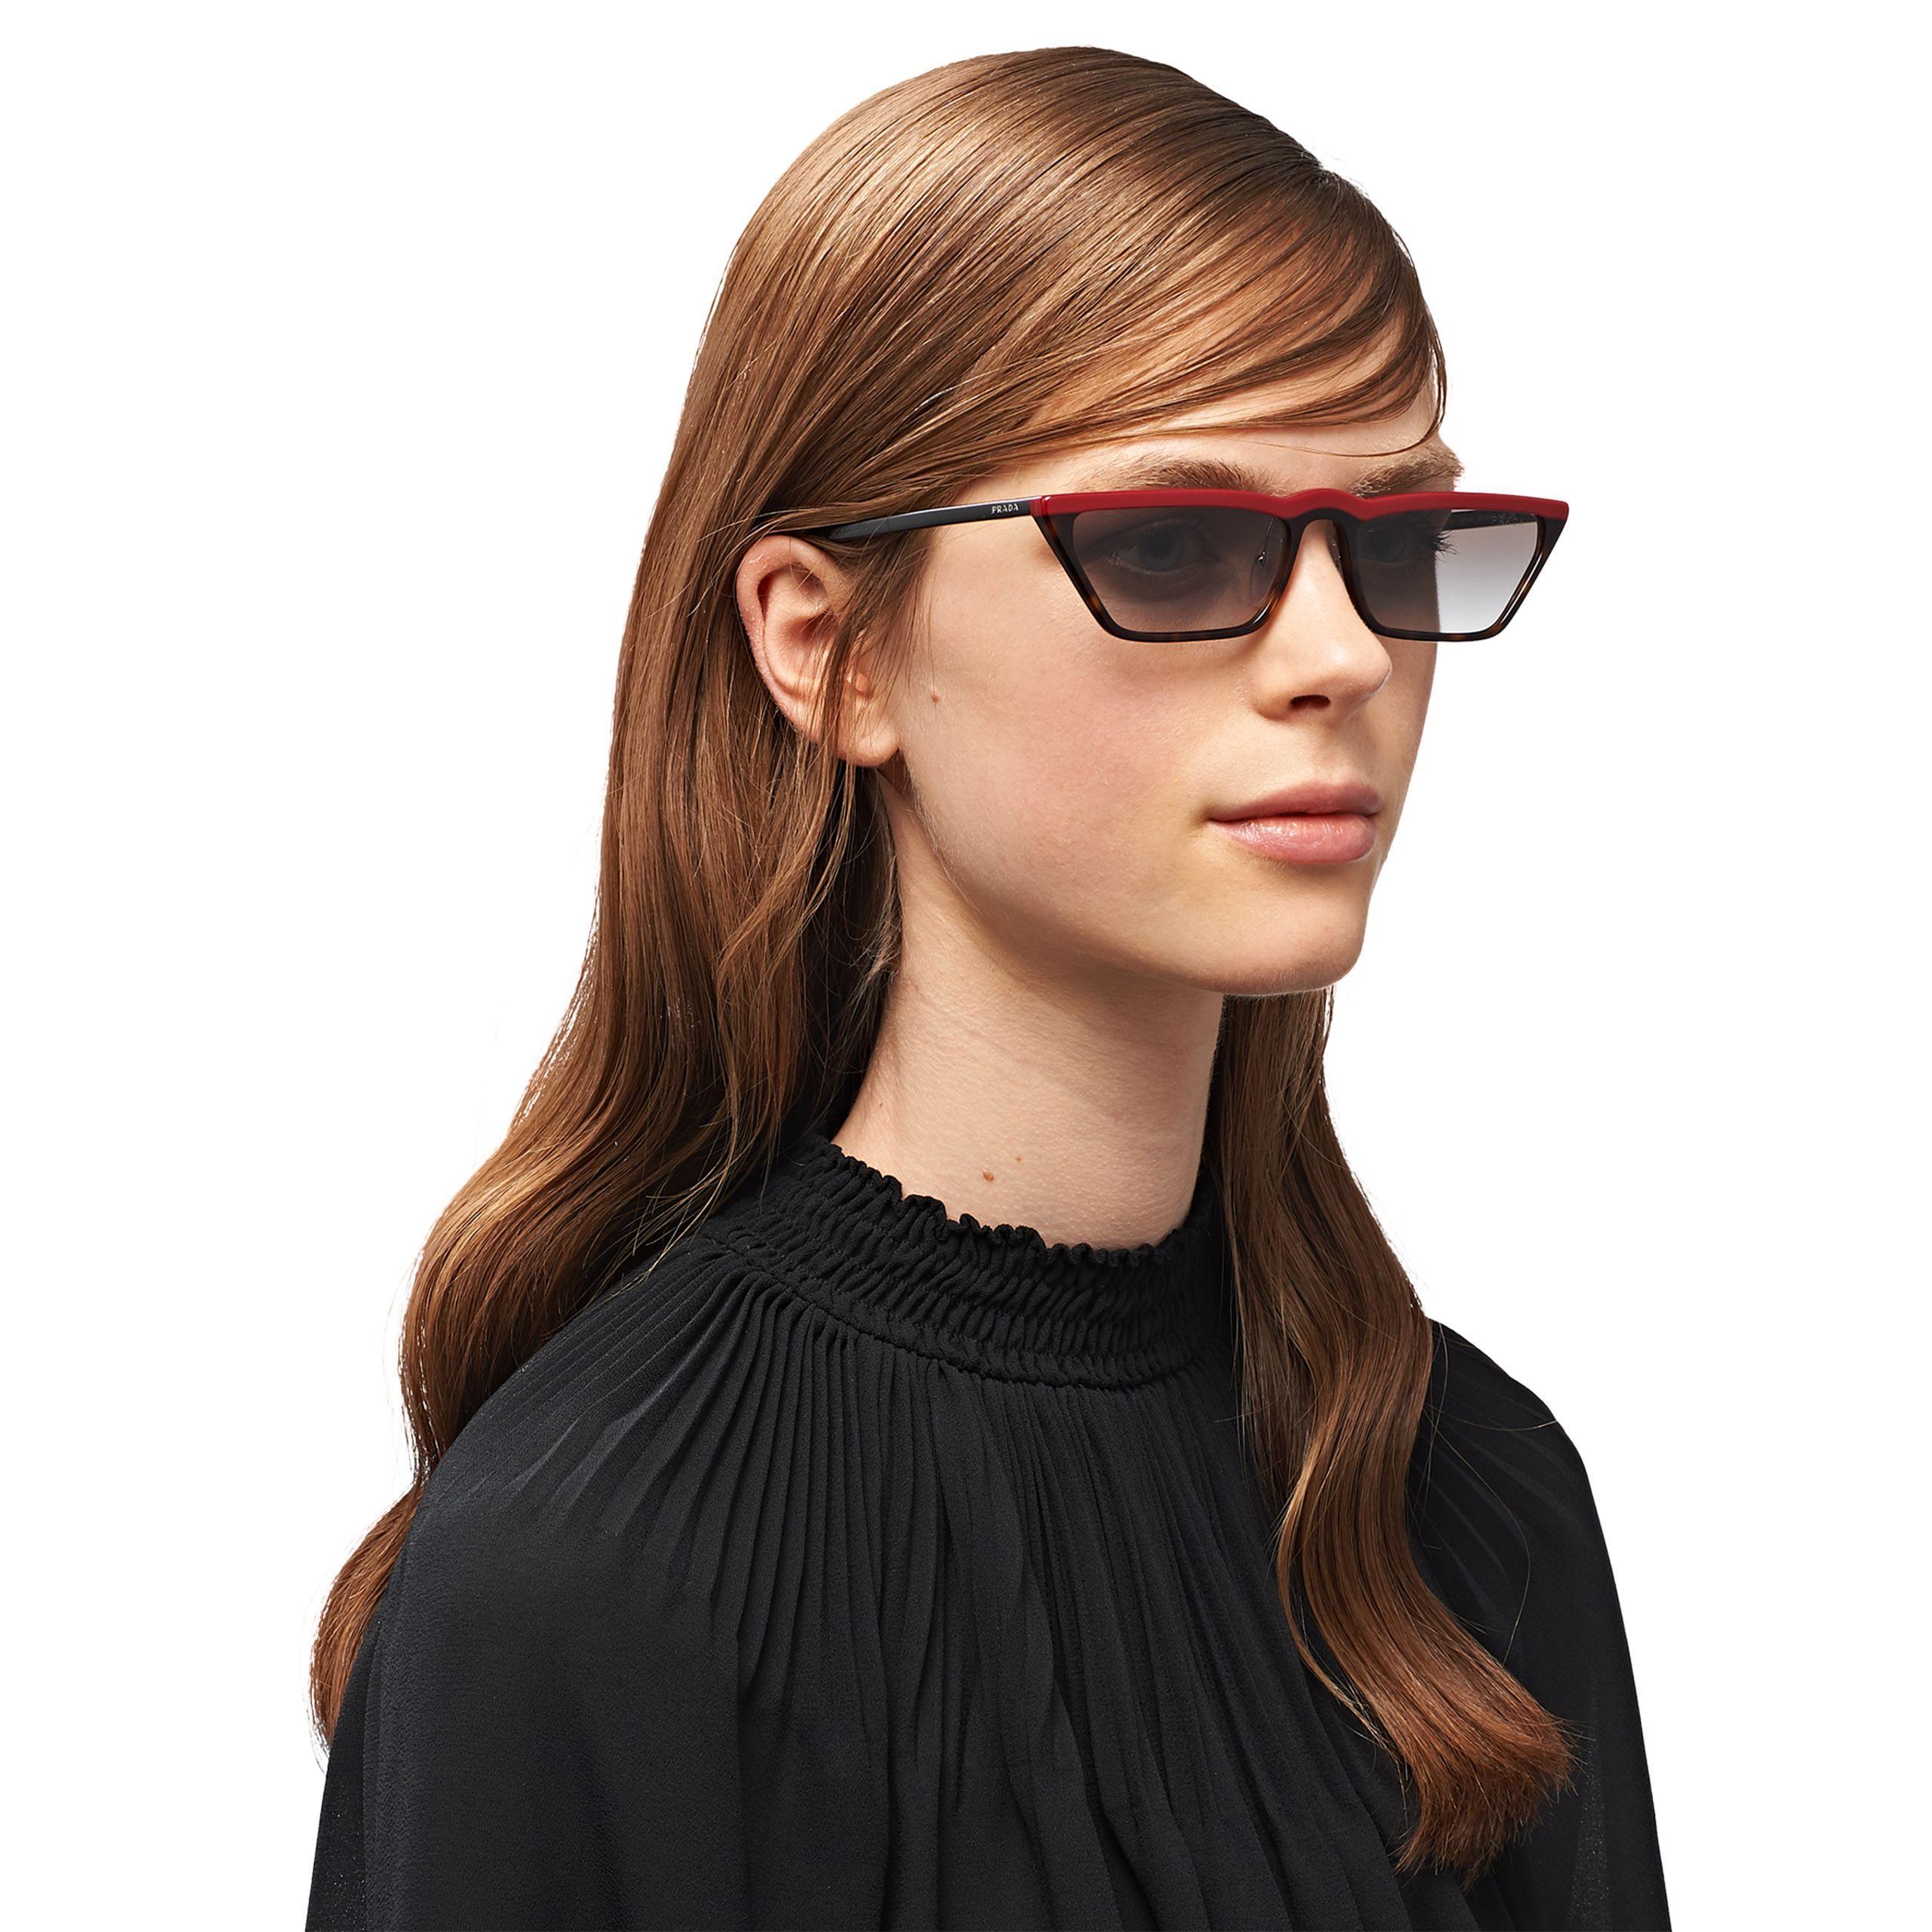 19997014d2 Prada - Multicolor Ultravox Sunglasses - Lyst. View fullscreen